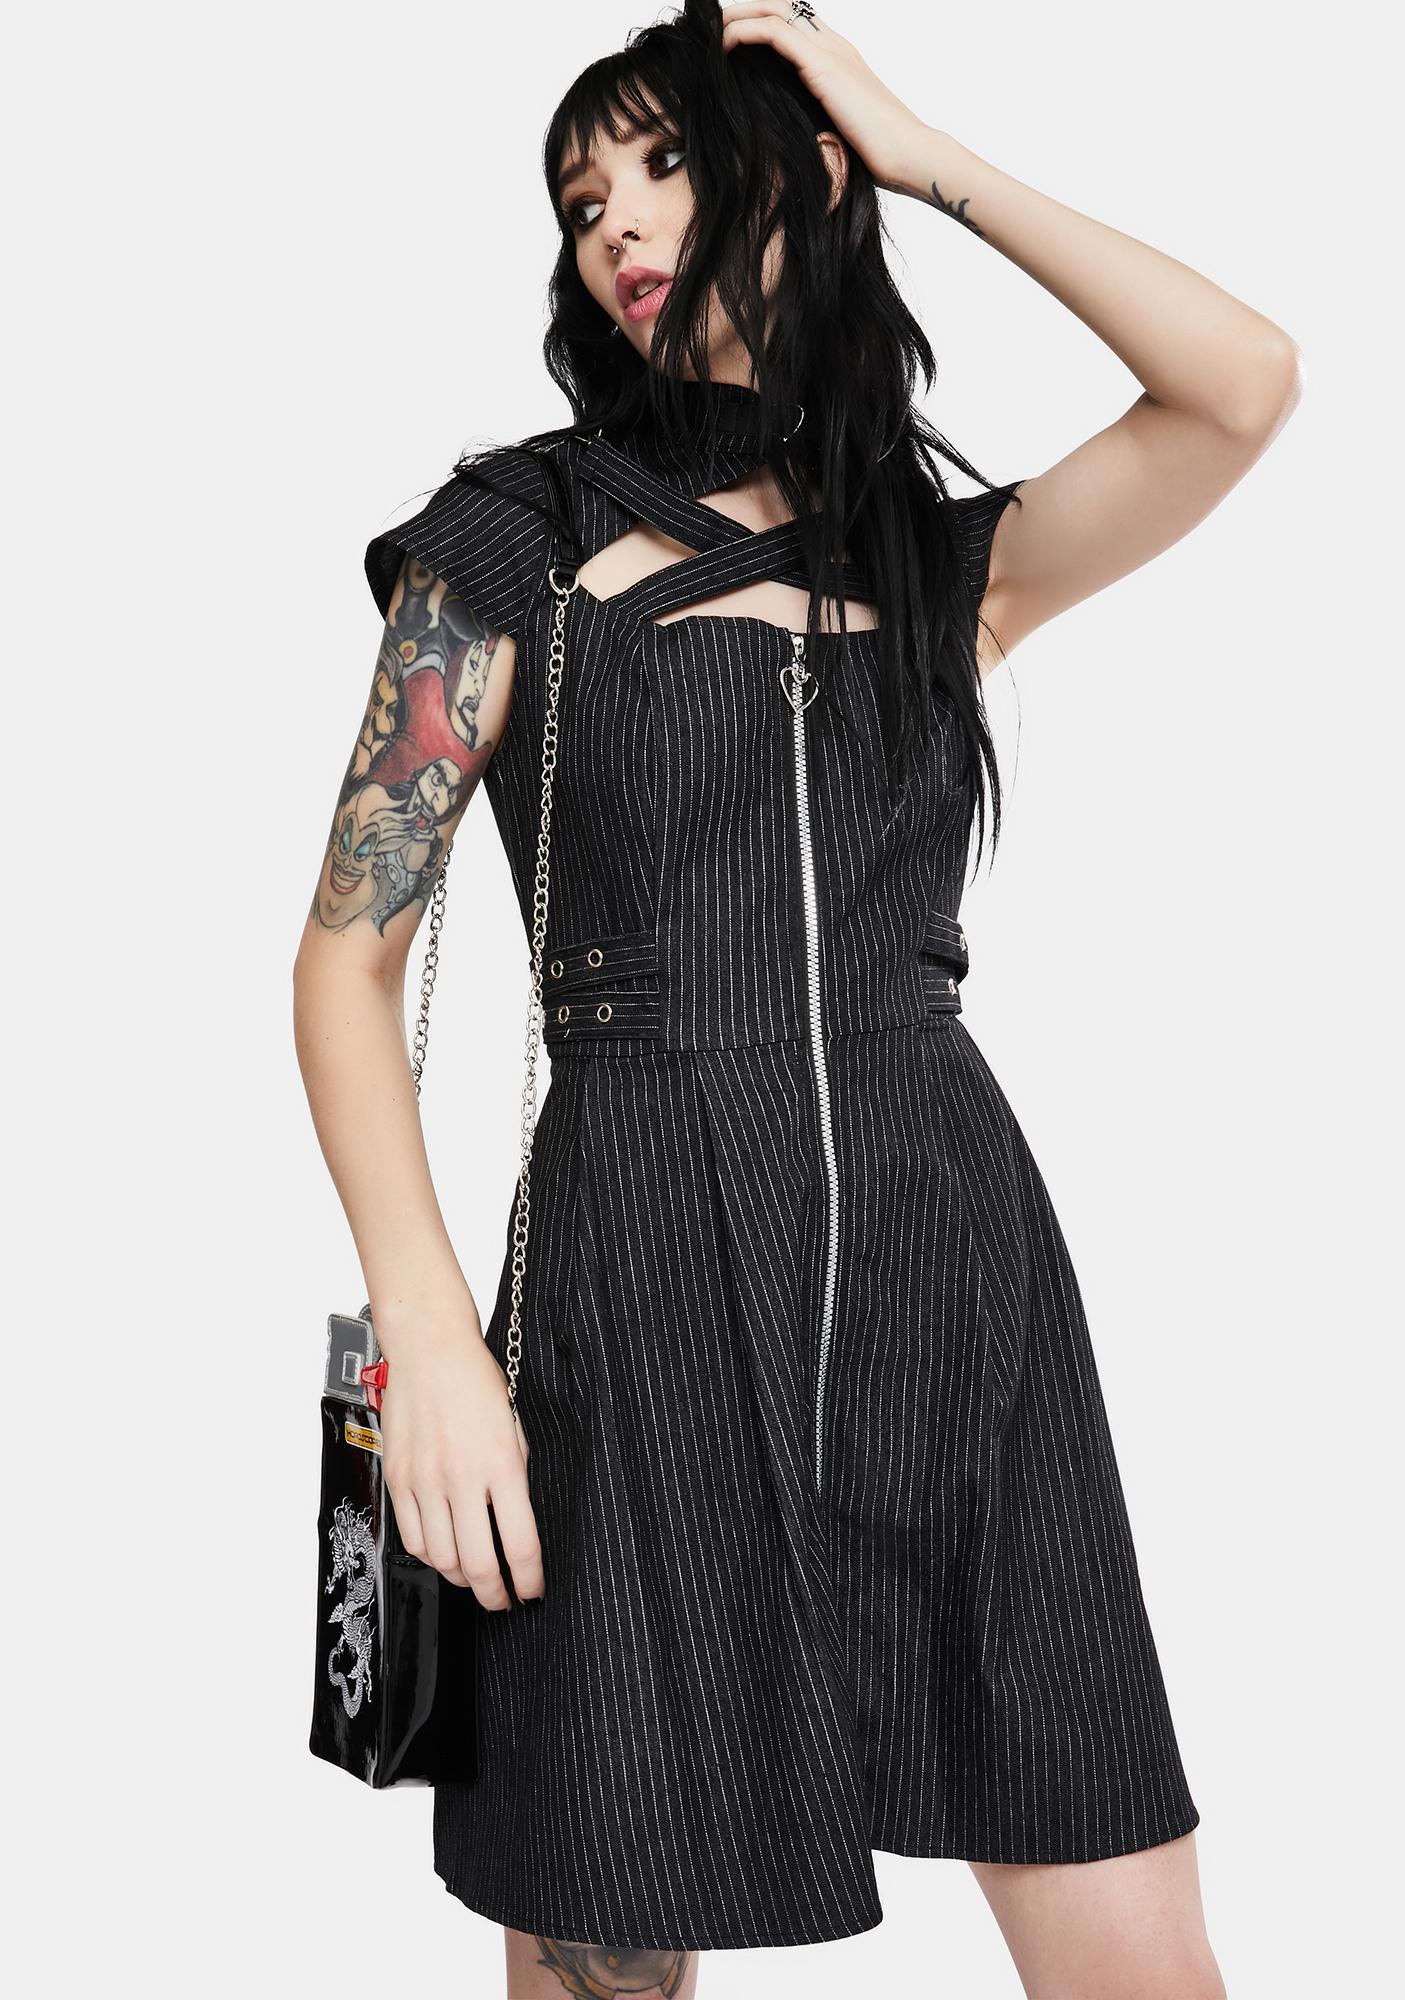 Jawbreaker Manson Pinstripe Skater Dress